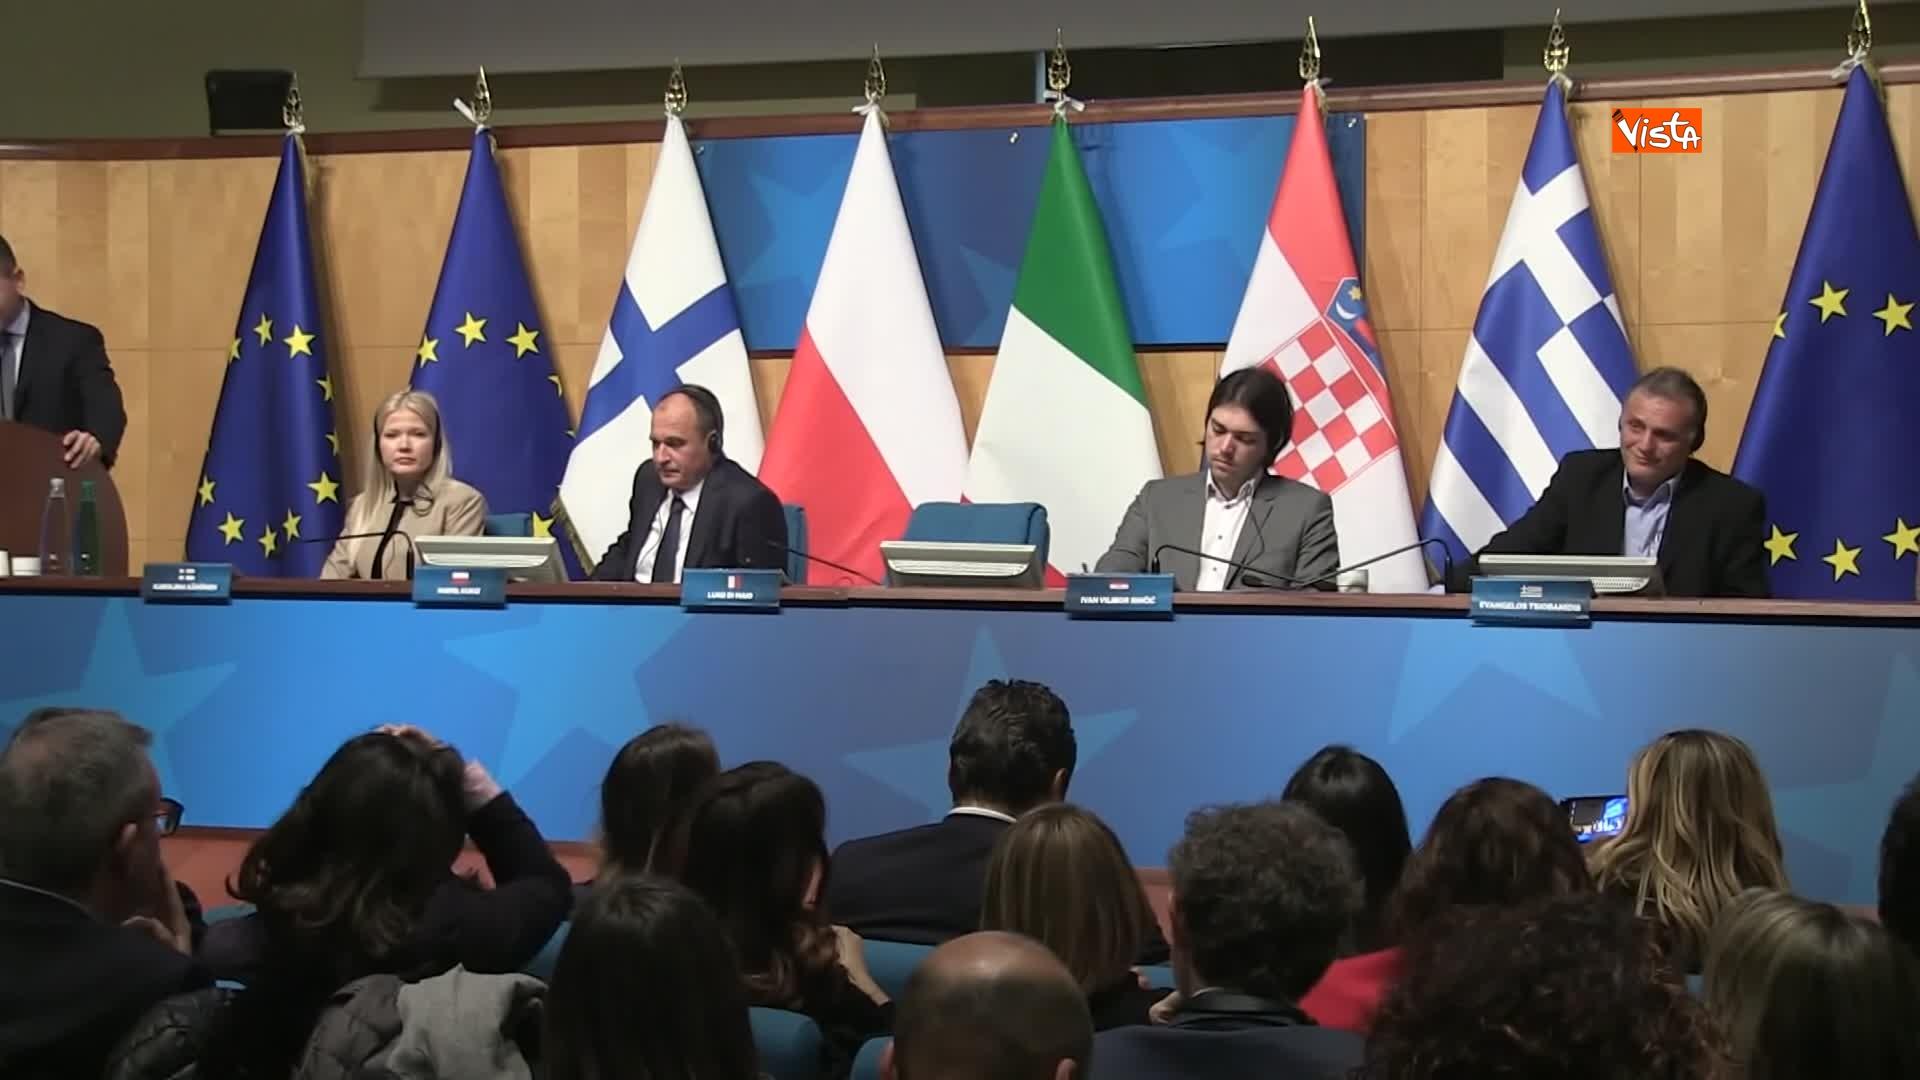 Di Maio presentra il manifesto per le elezioni europee